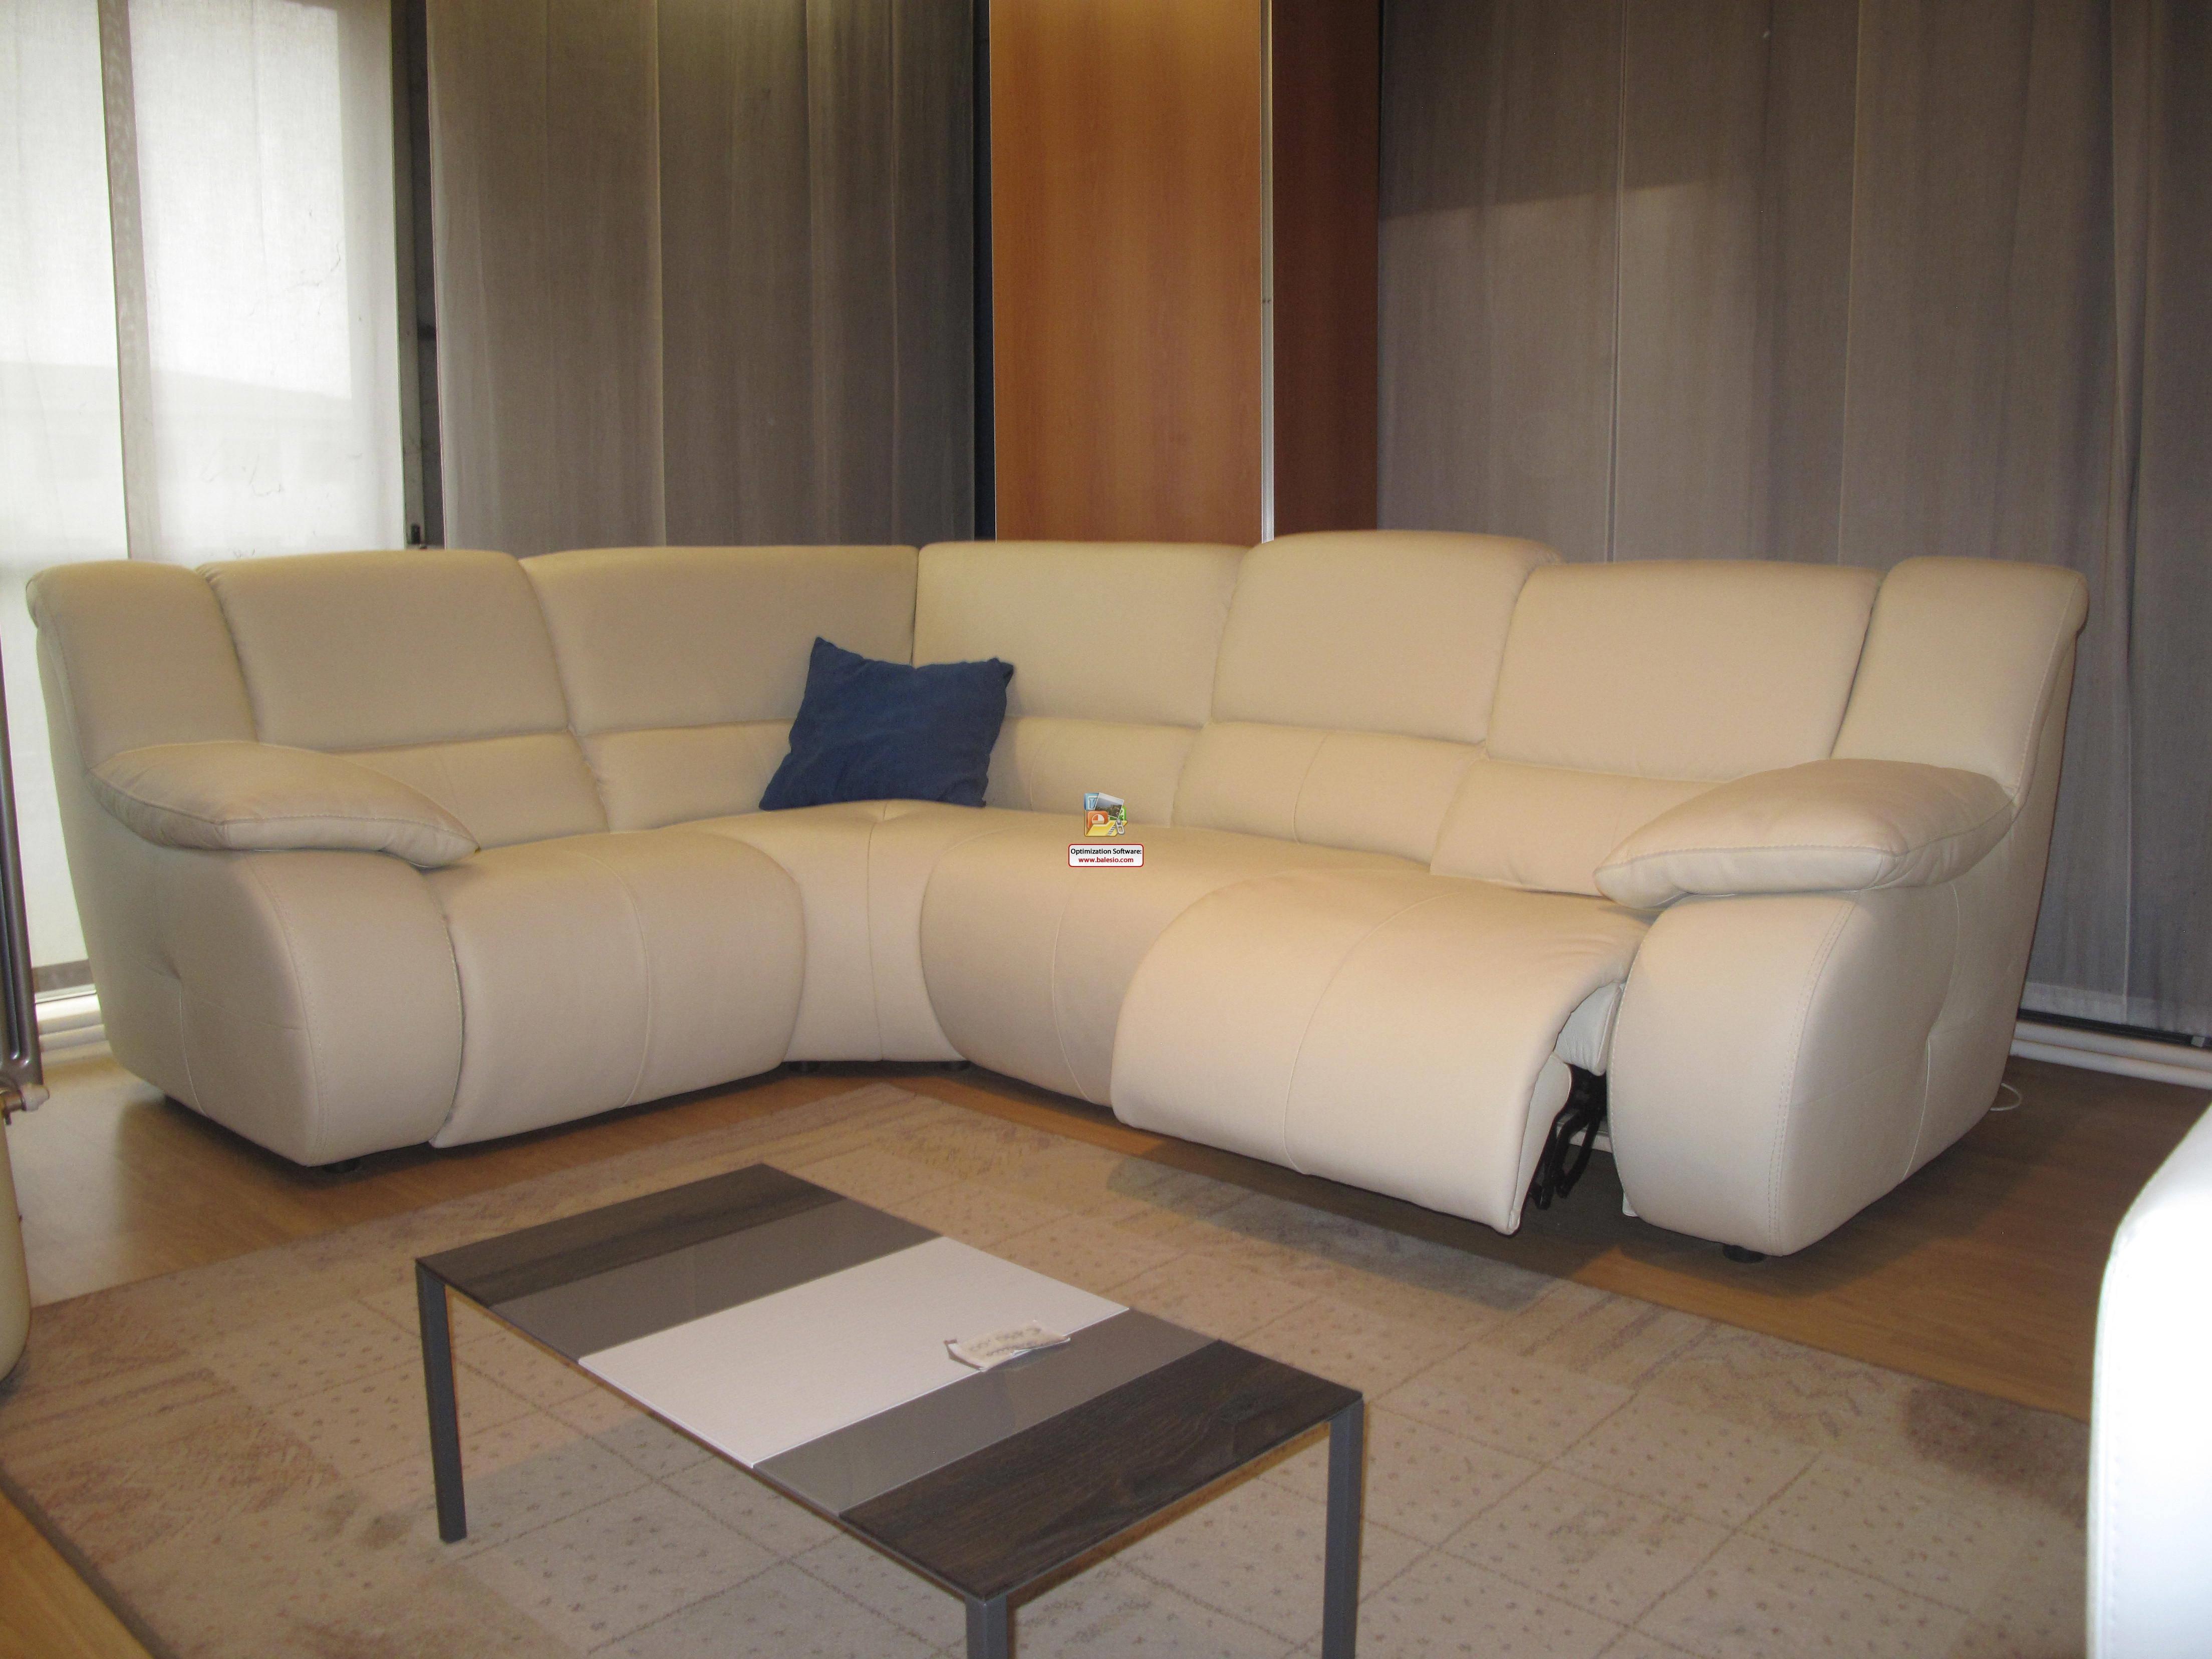 Mambo divano angolare con movimento relax in vera pelle - Divano angolare ...